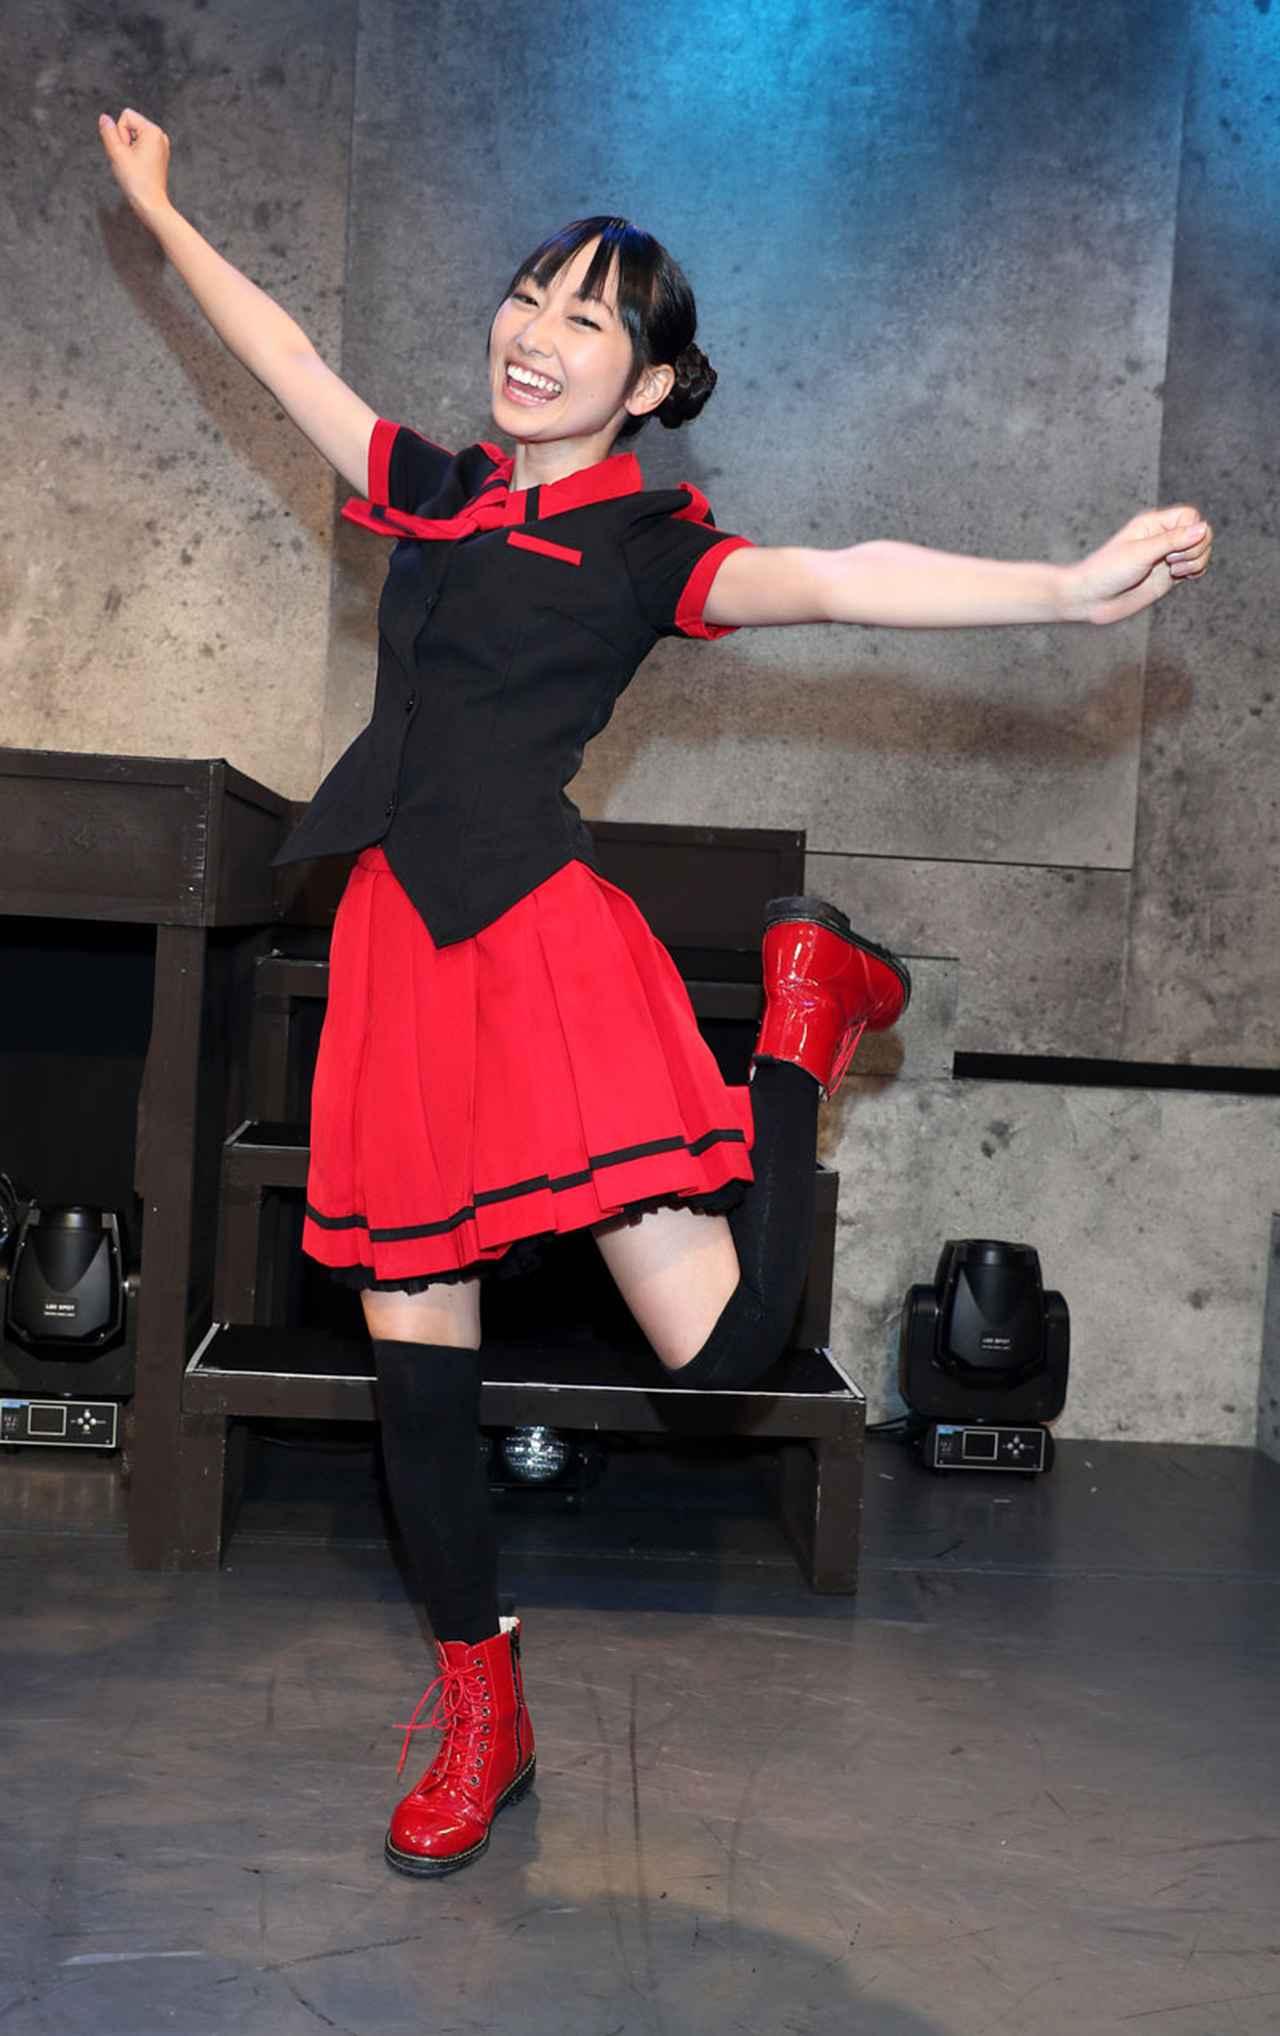 Images : 5番目の画像 - 「夏野香波/舞台『降臨Hearts』で、凛とした役をキュートに、スゥイートに、プリティに、チャーミングに演じきった!」のアルバム - Stereo Sound ONLINE